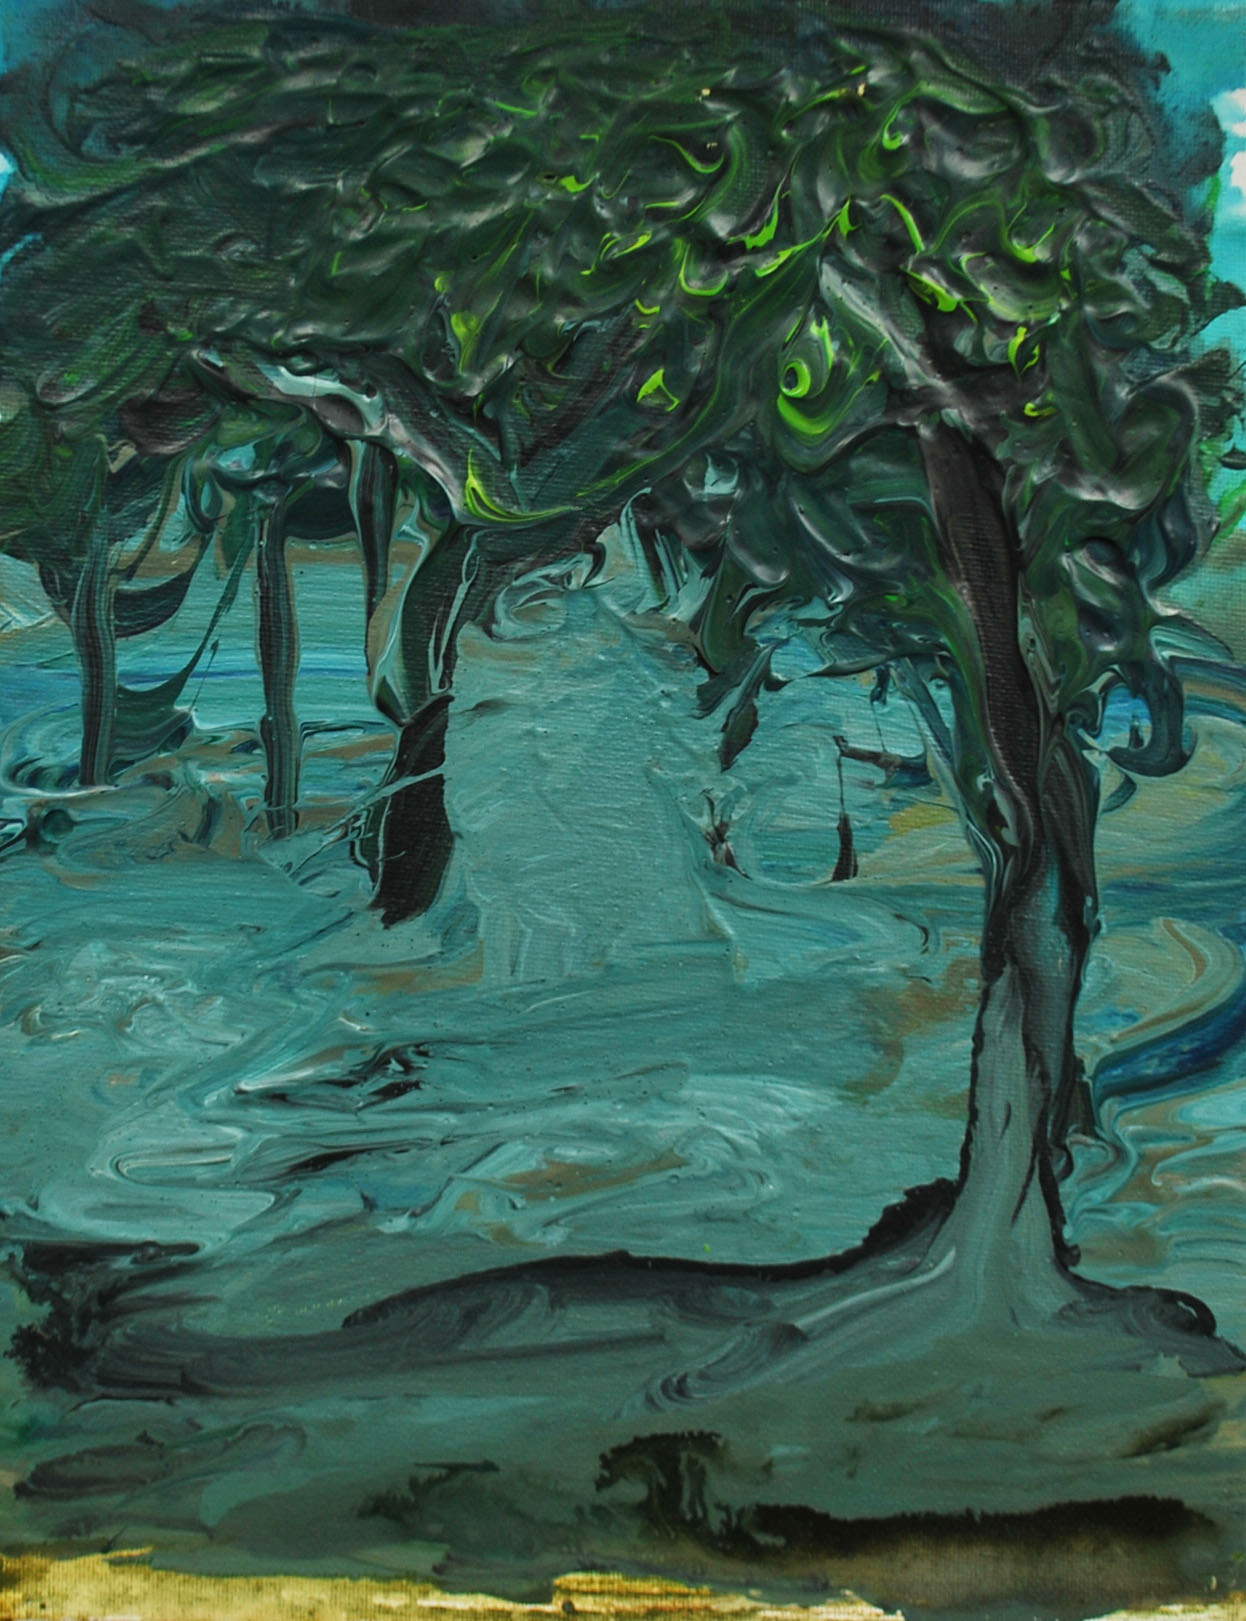 sans-titre-10-2012-technique-mixte-sur-toile-35x25-cm